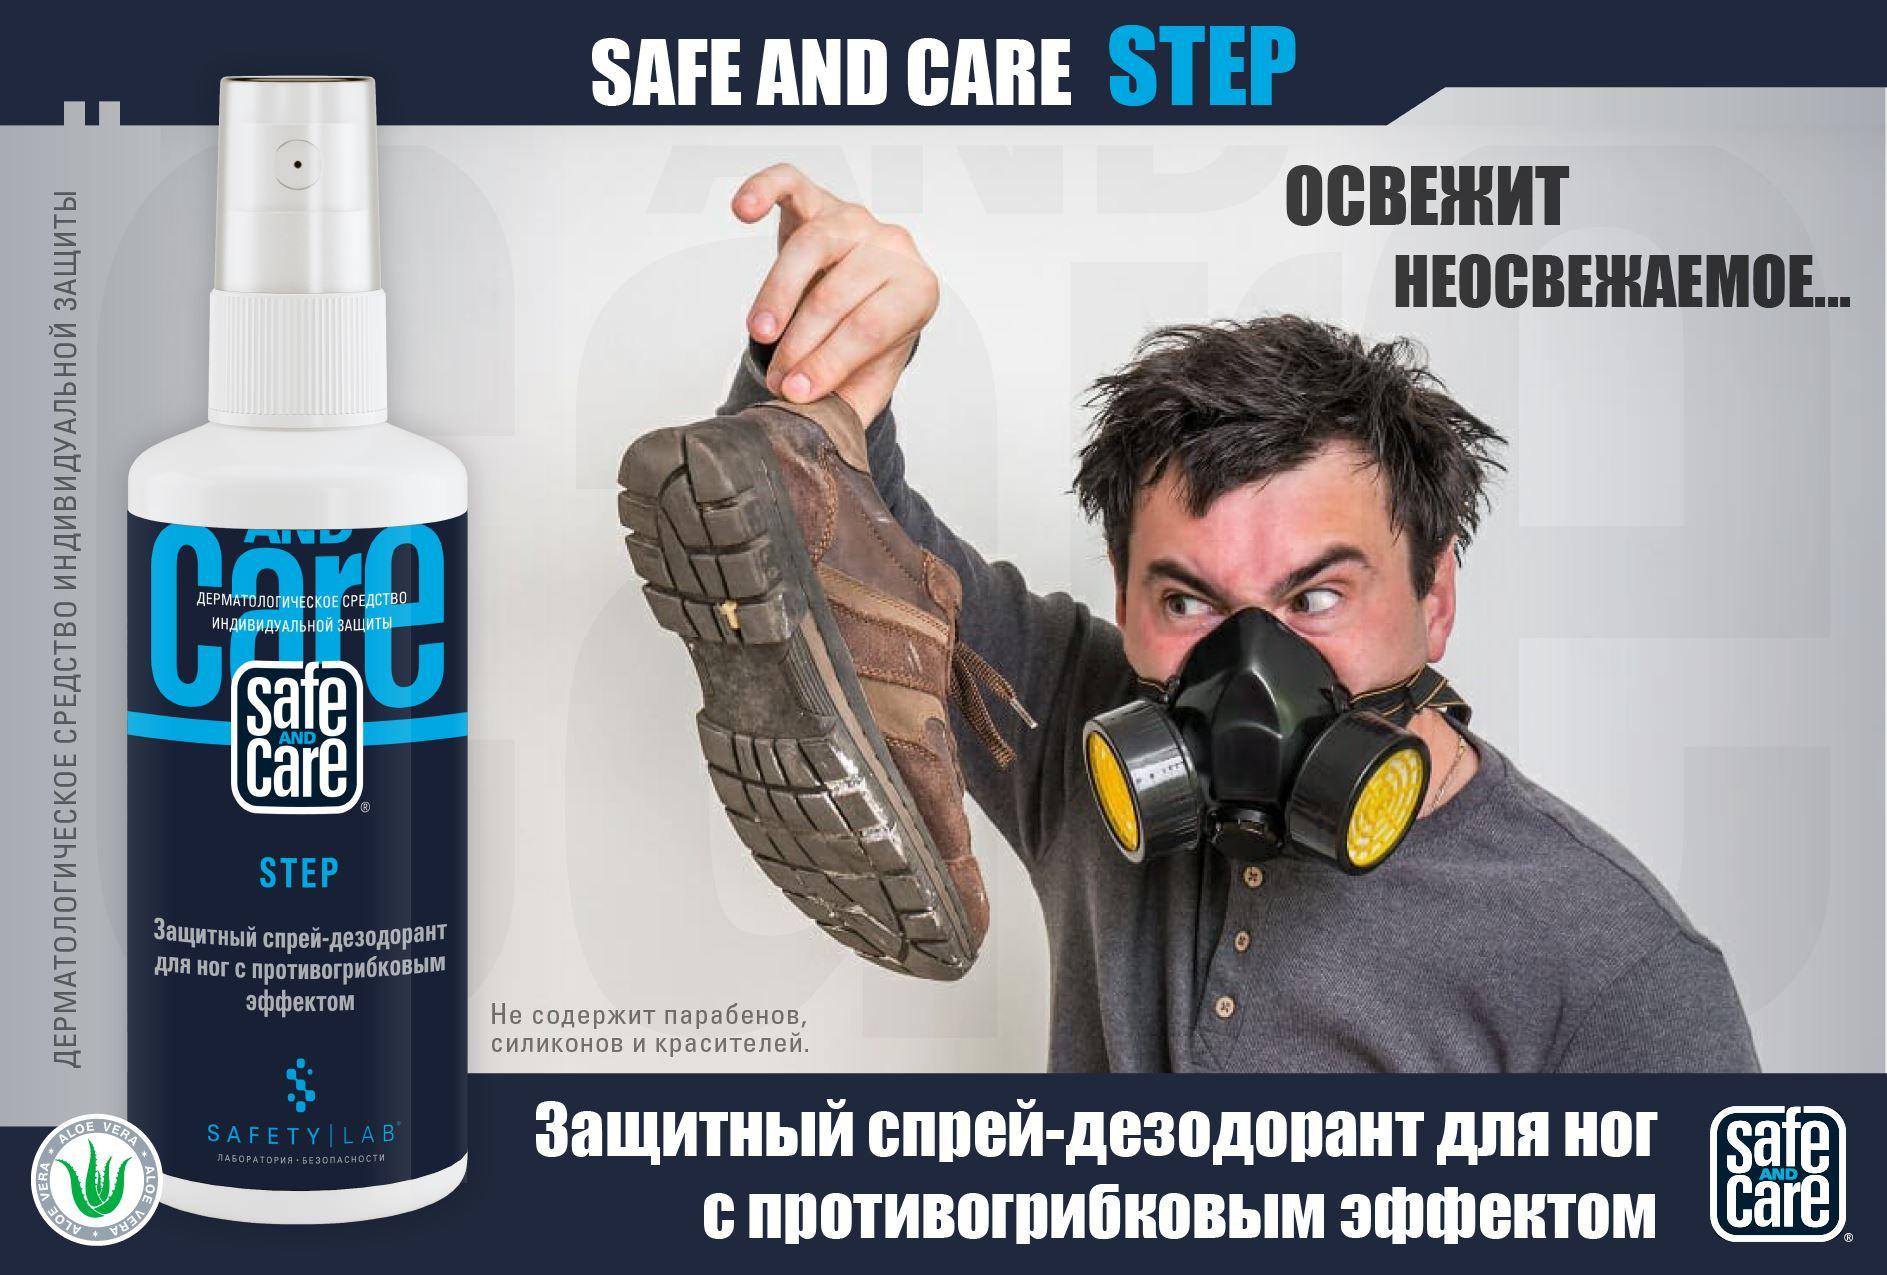 Защитный спрей-дезодорант для ног c противогрибковым эффектом «Safe and Care® STEP»